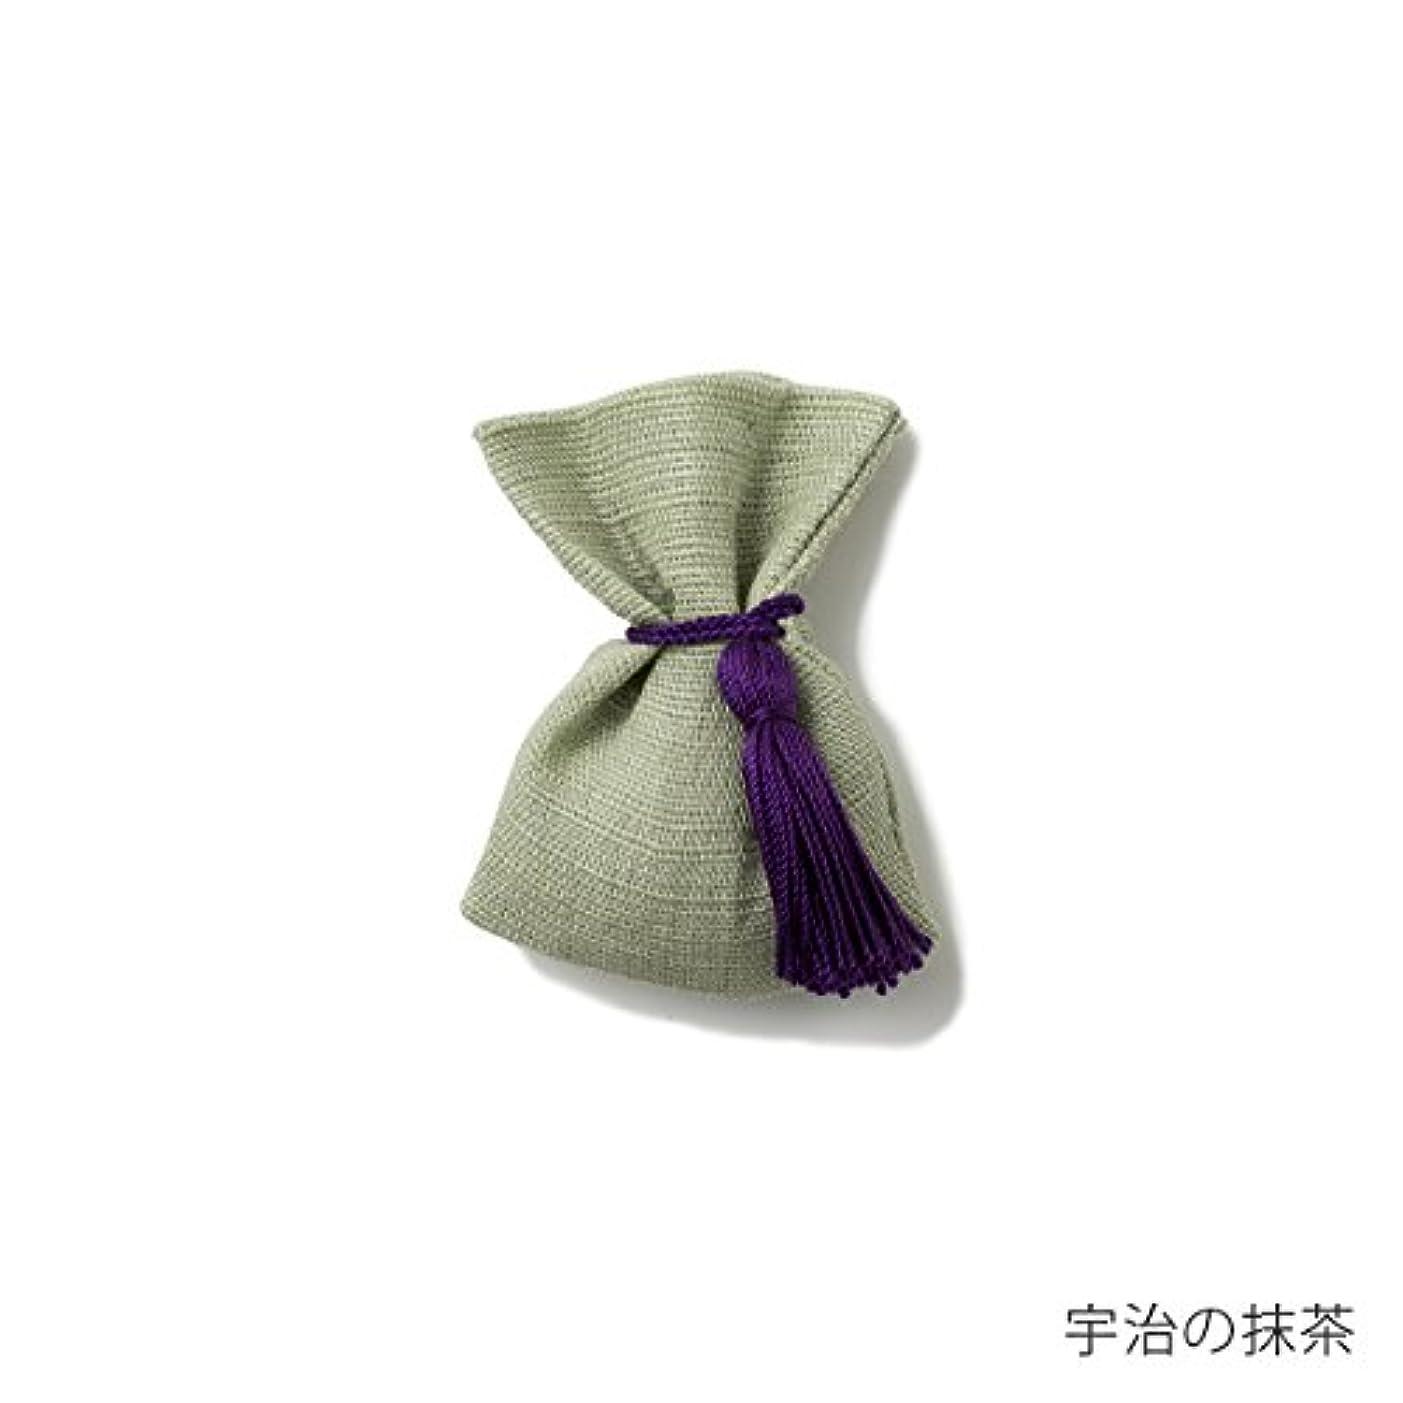 敬団結する大佐【薫玉堂】 京の香り 香袋 宇治の抹茶